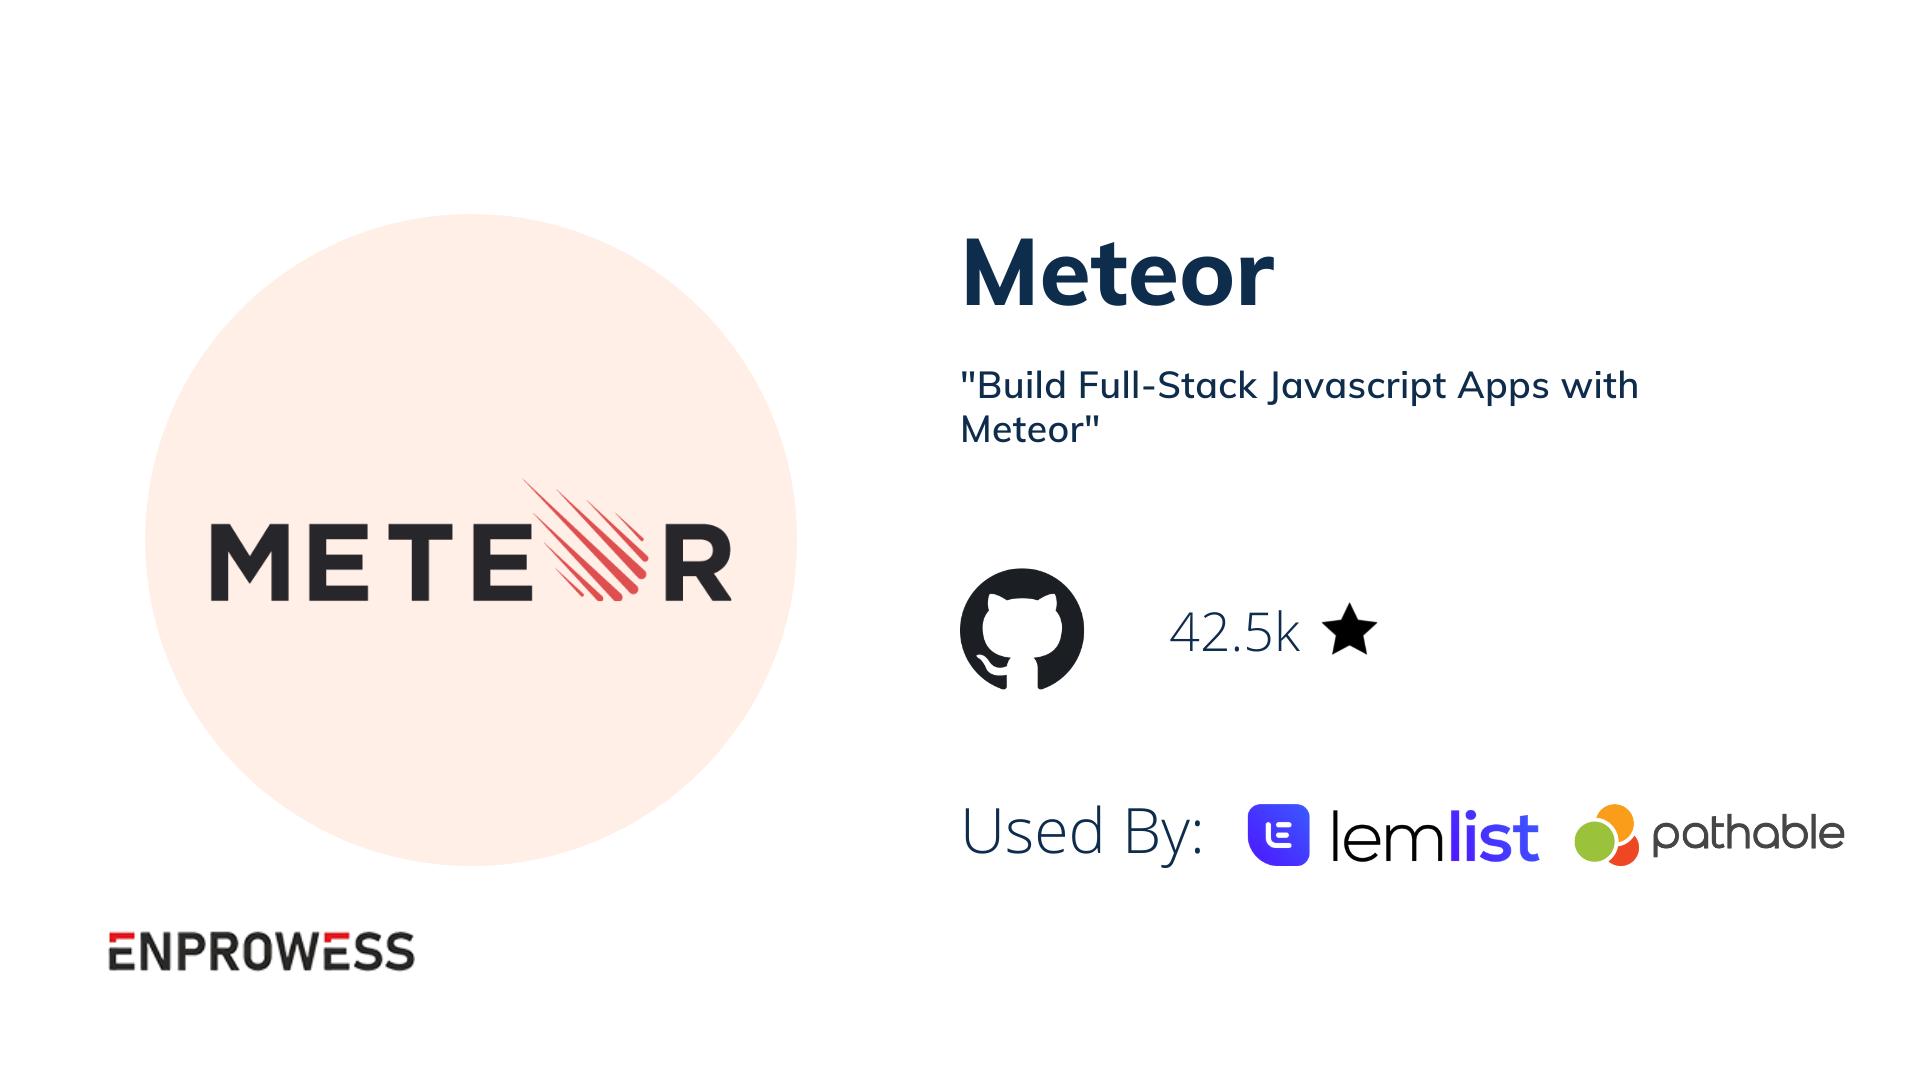 Meteor details